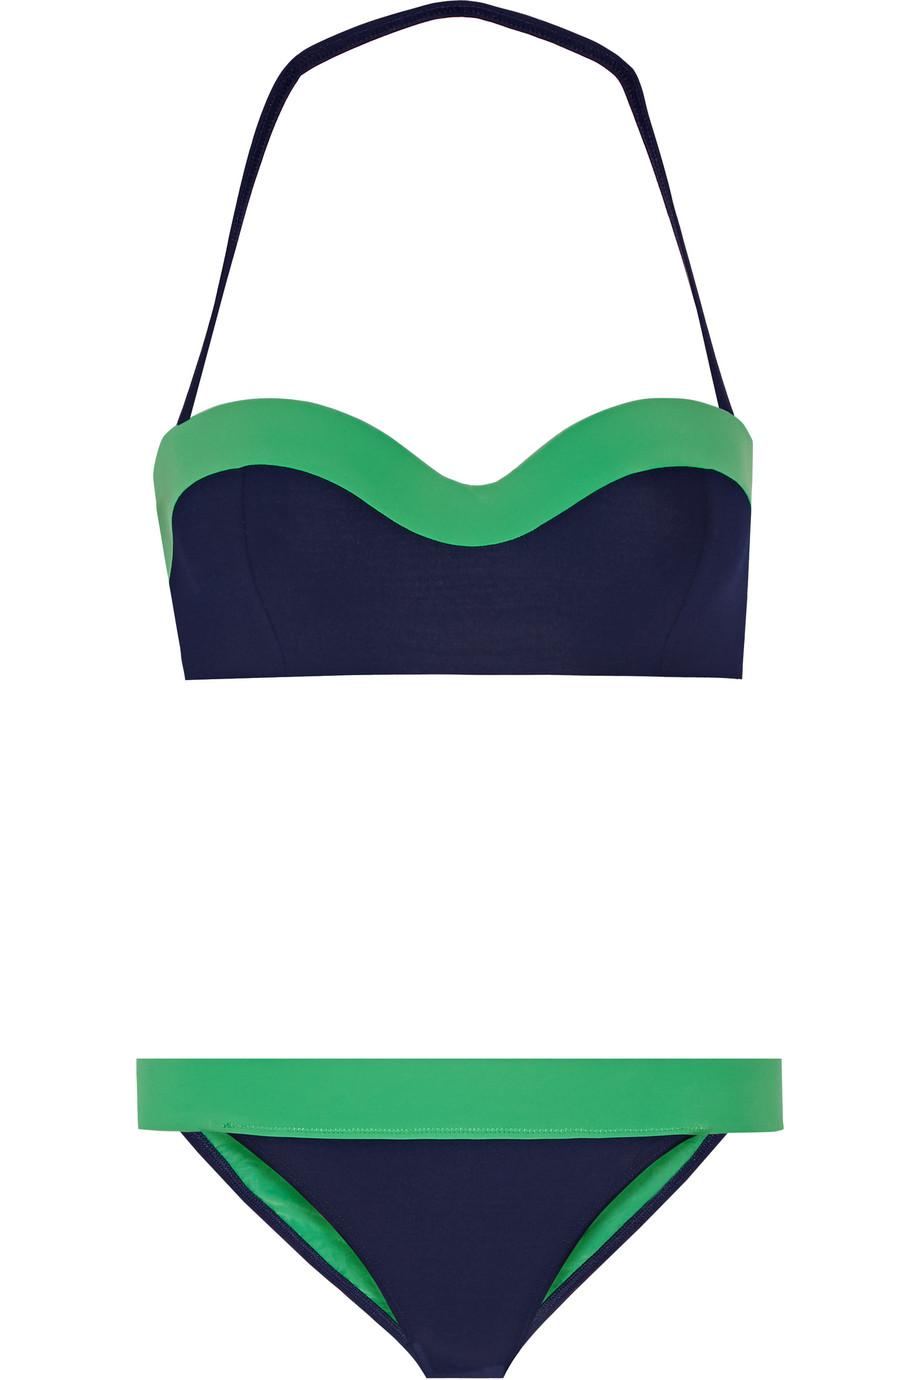 Tory Burch Two-Tone Bandeau Bikini, Navy/Green, Women's, Size: M